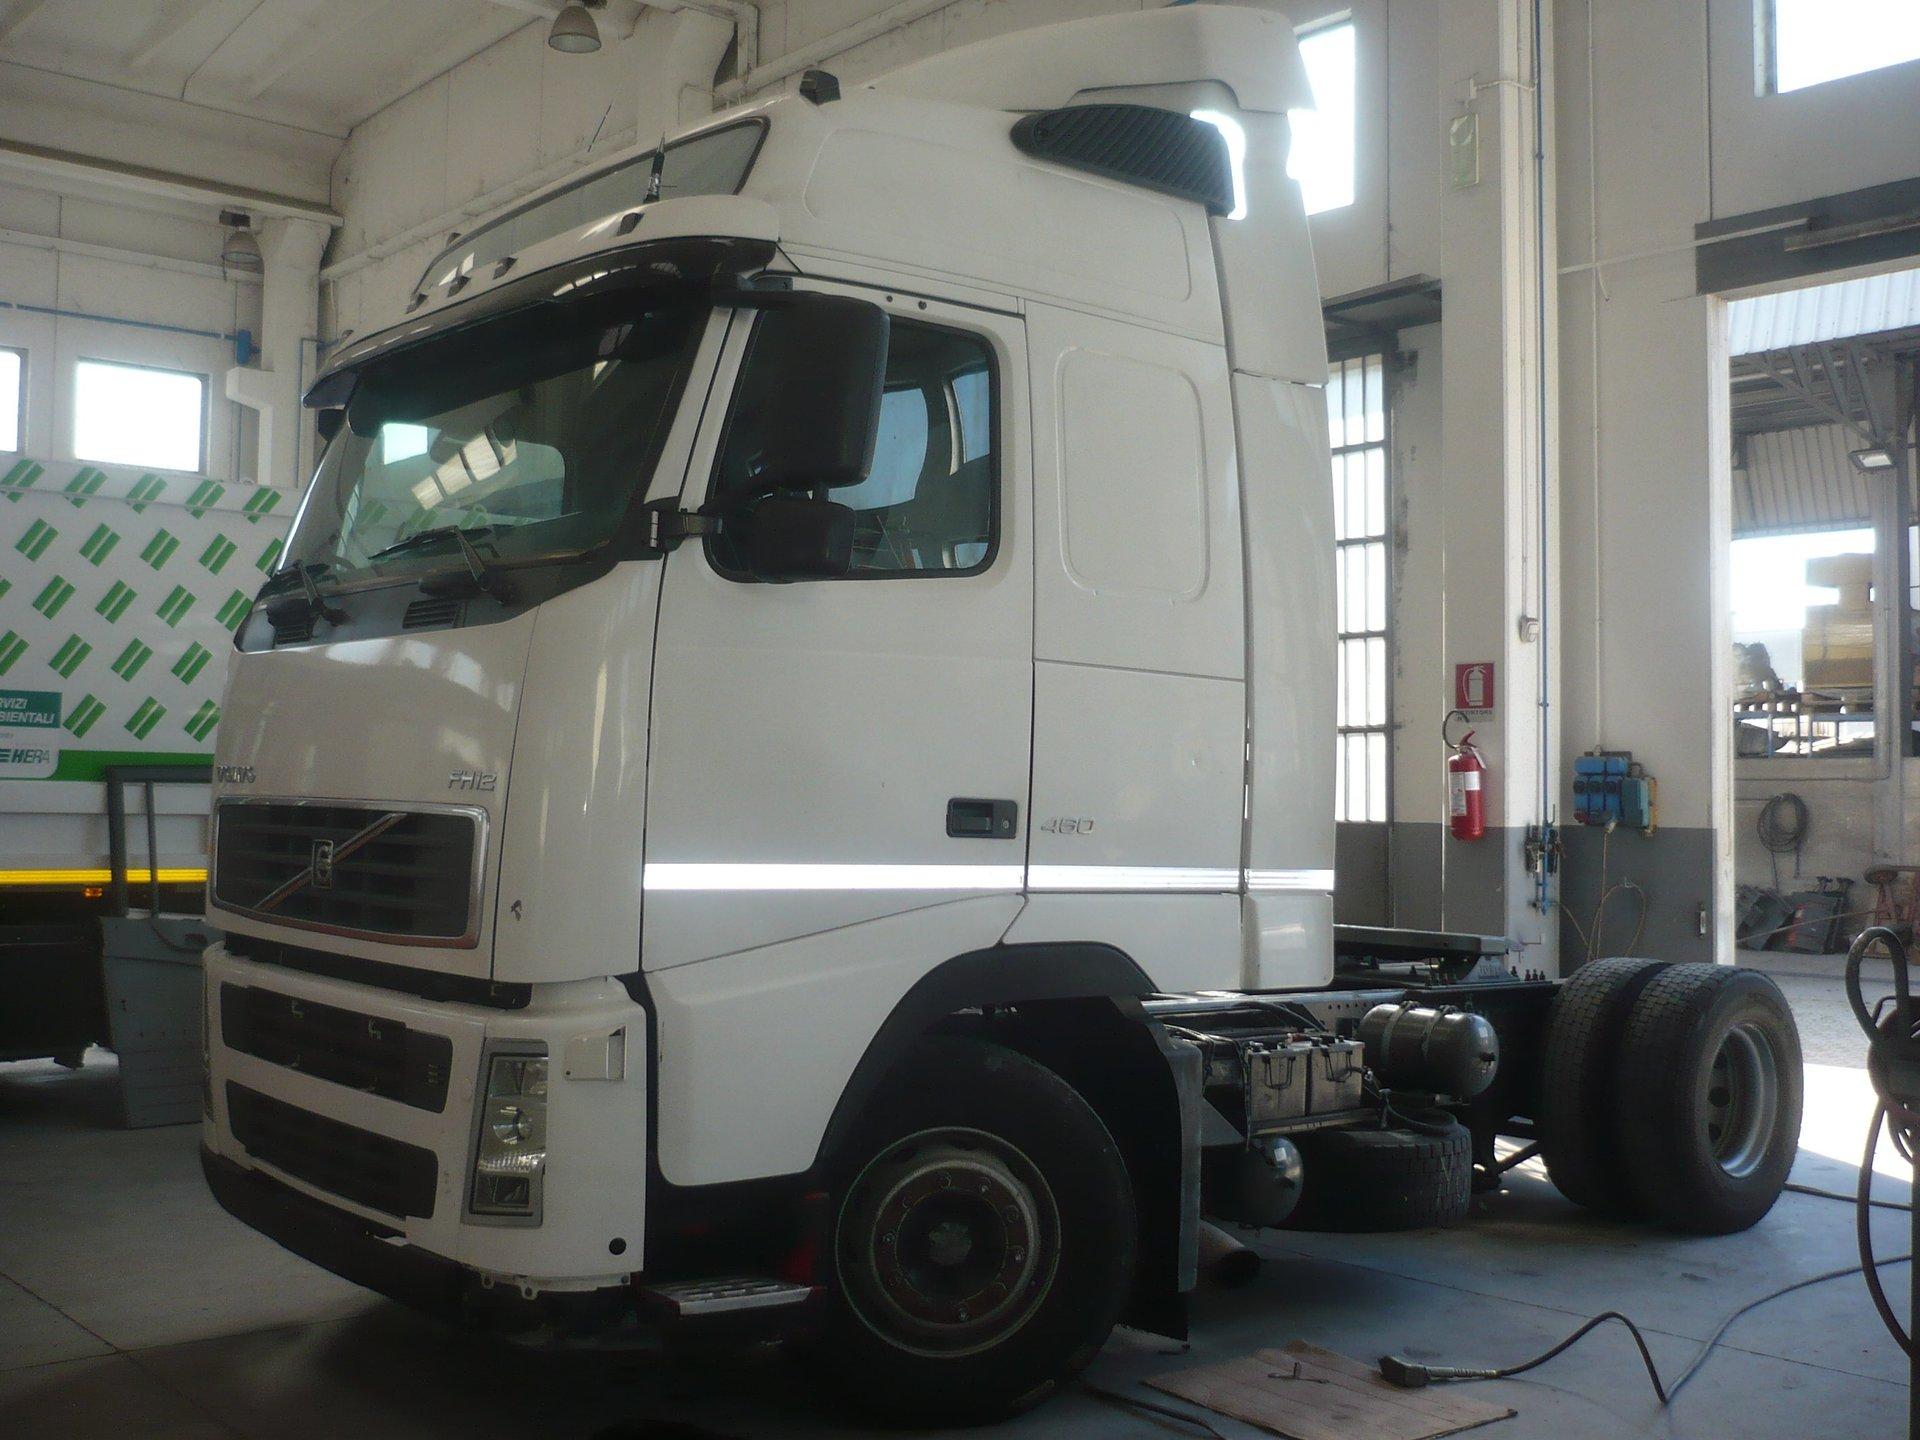 Cabina Volvo Fh V2 460 Gt Completa